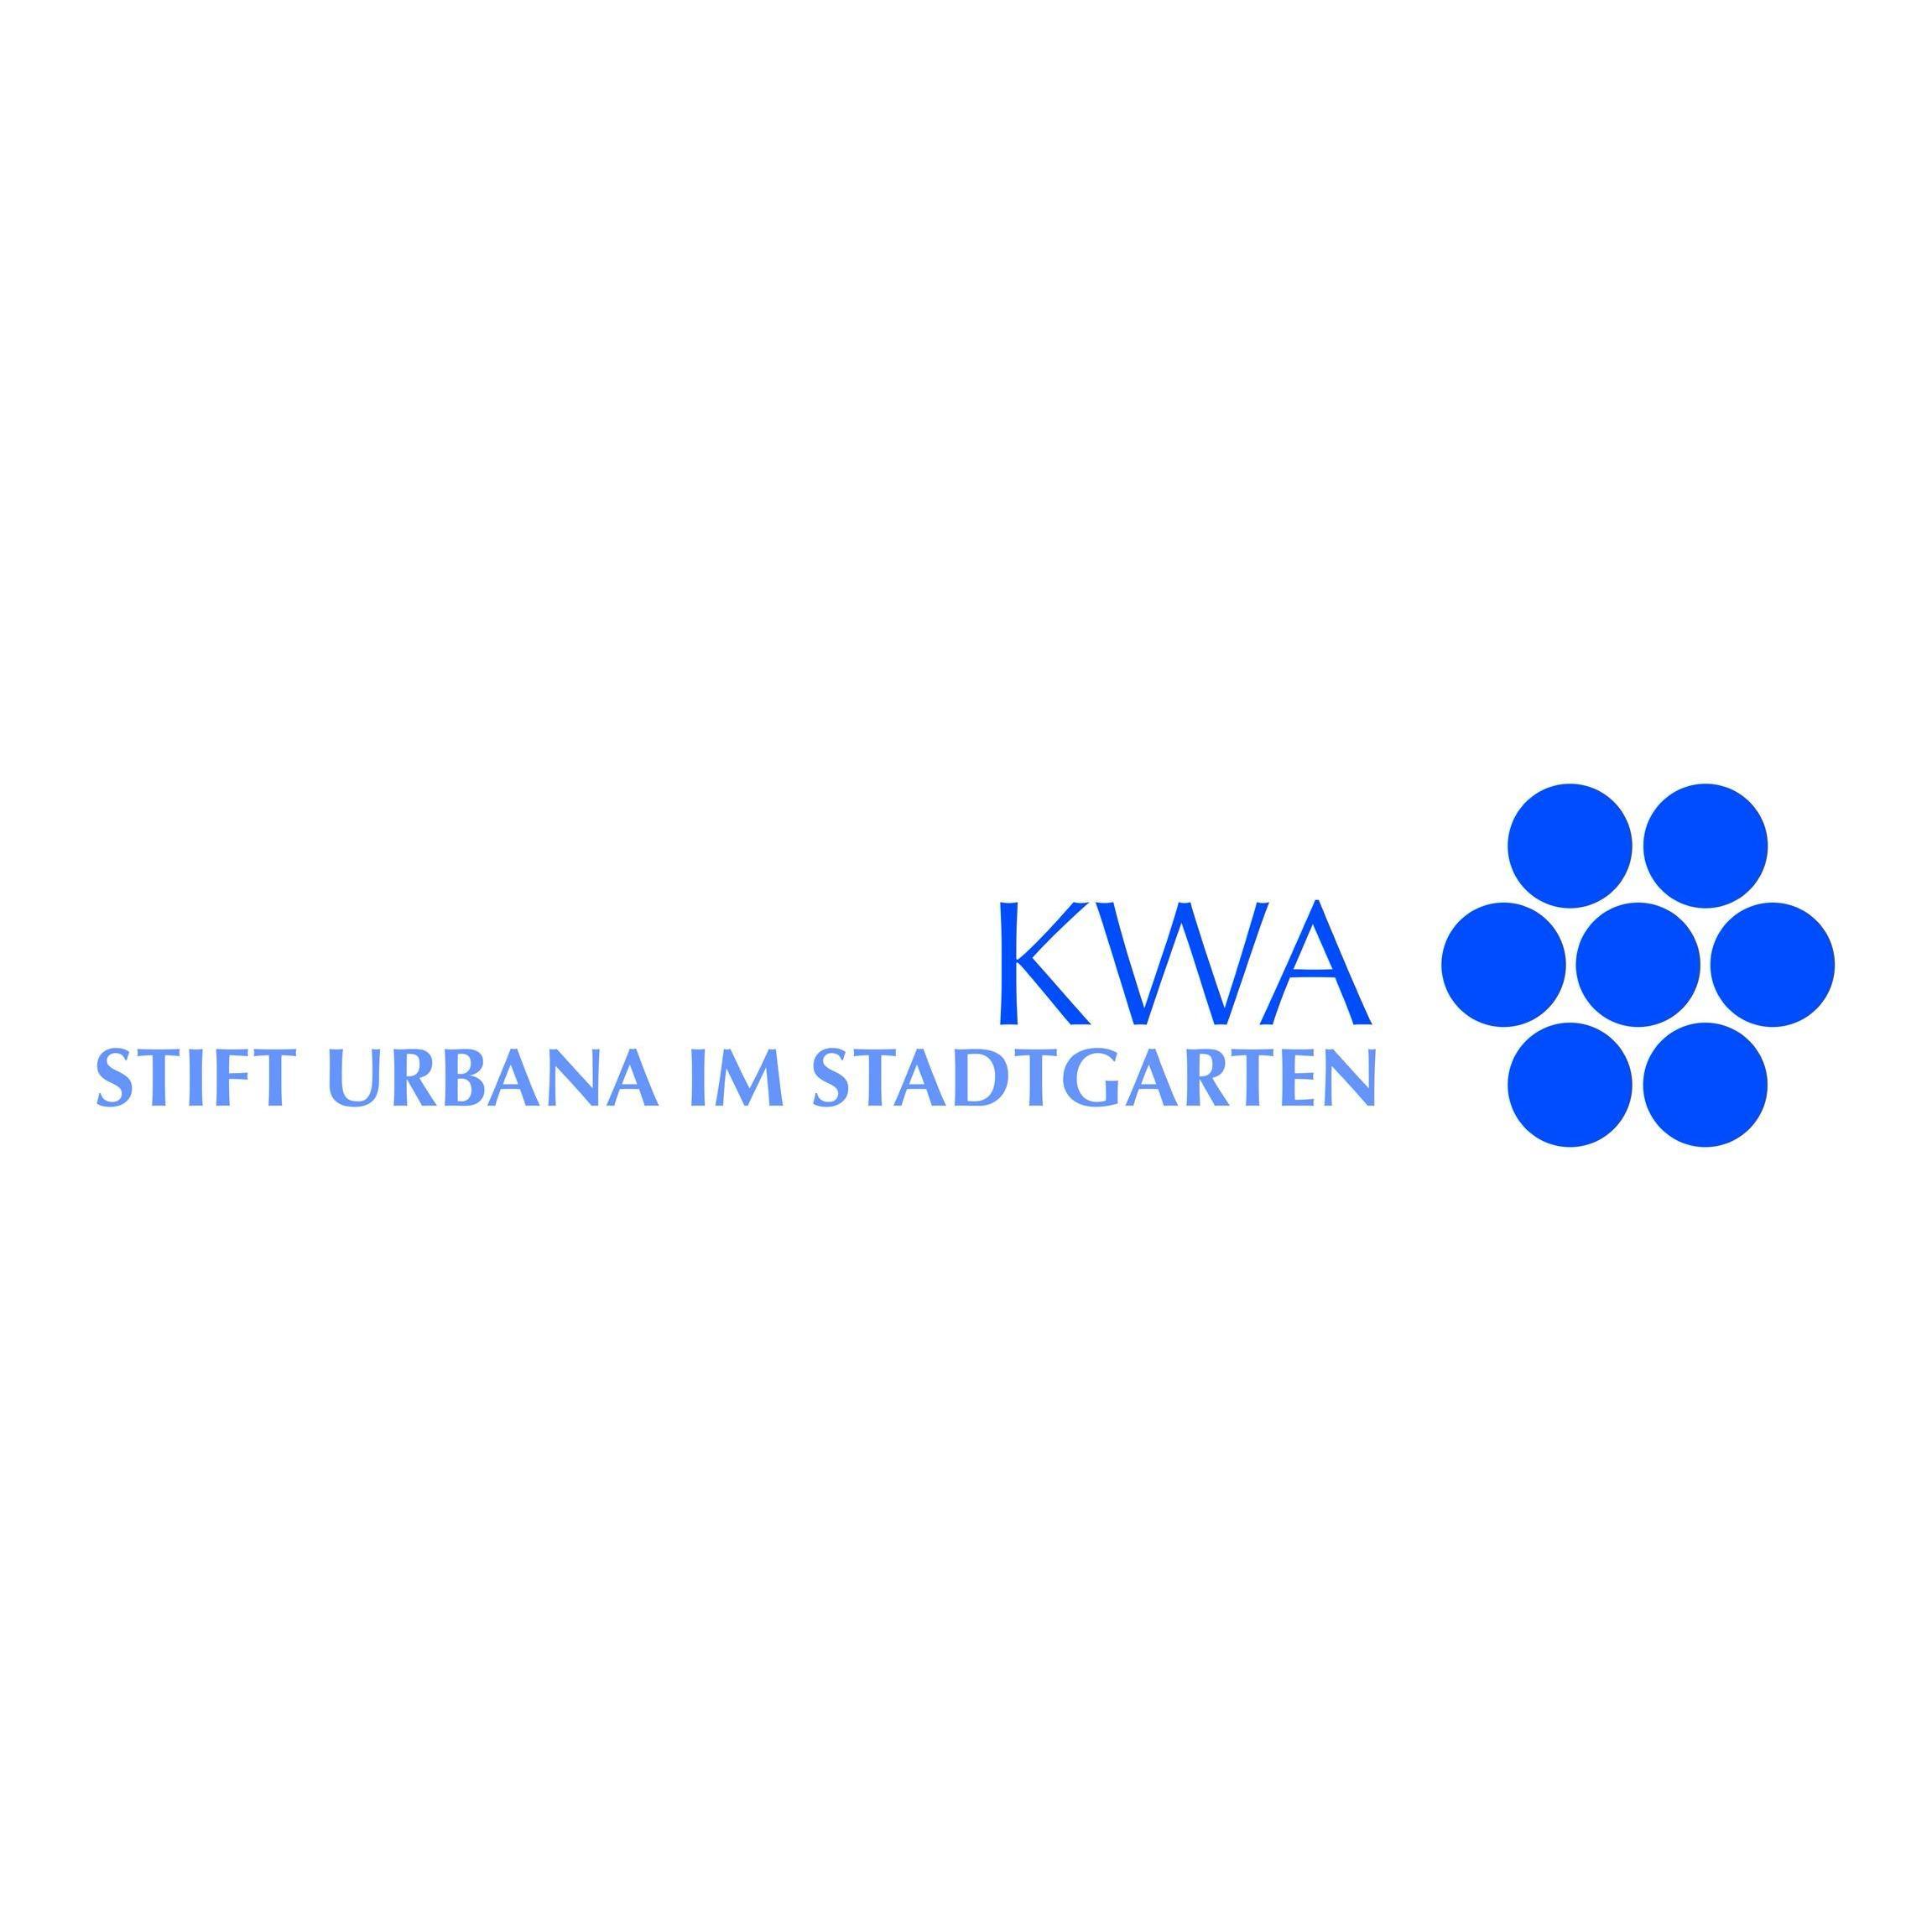 KWA Stift Urbana im Stadtgarten